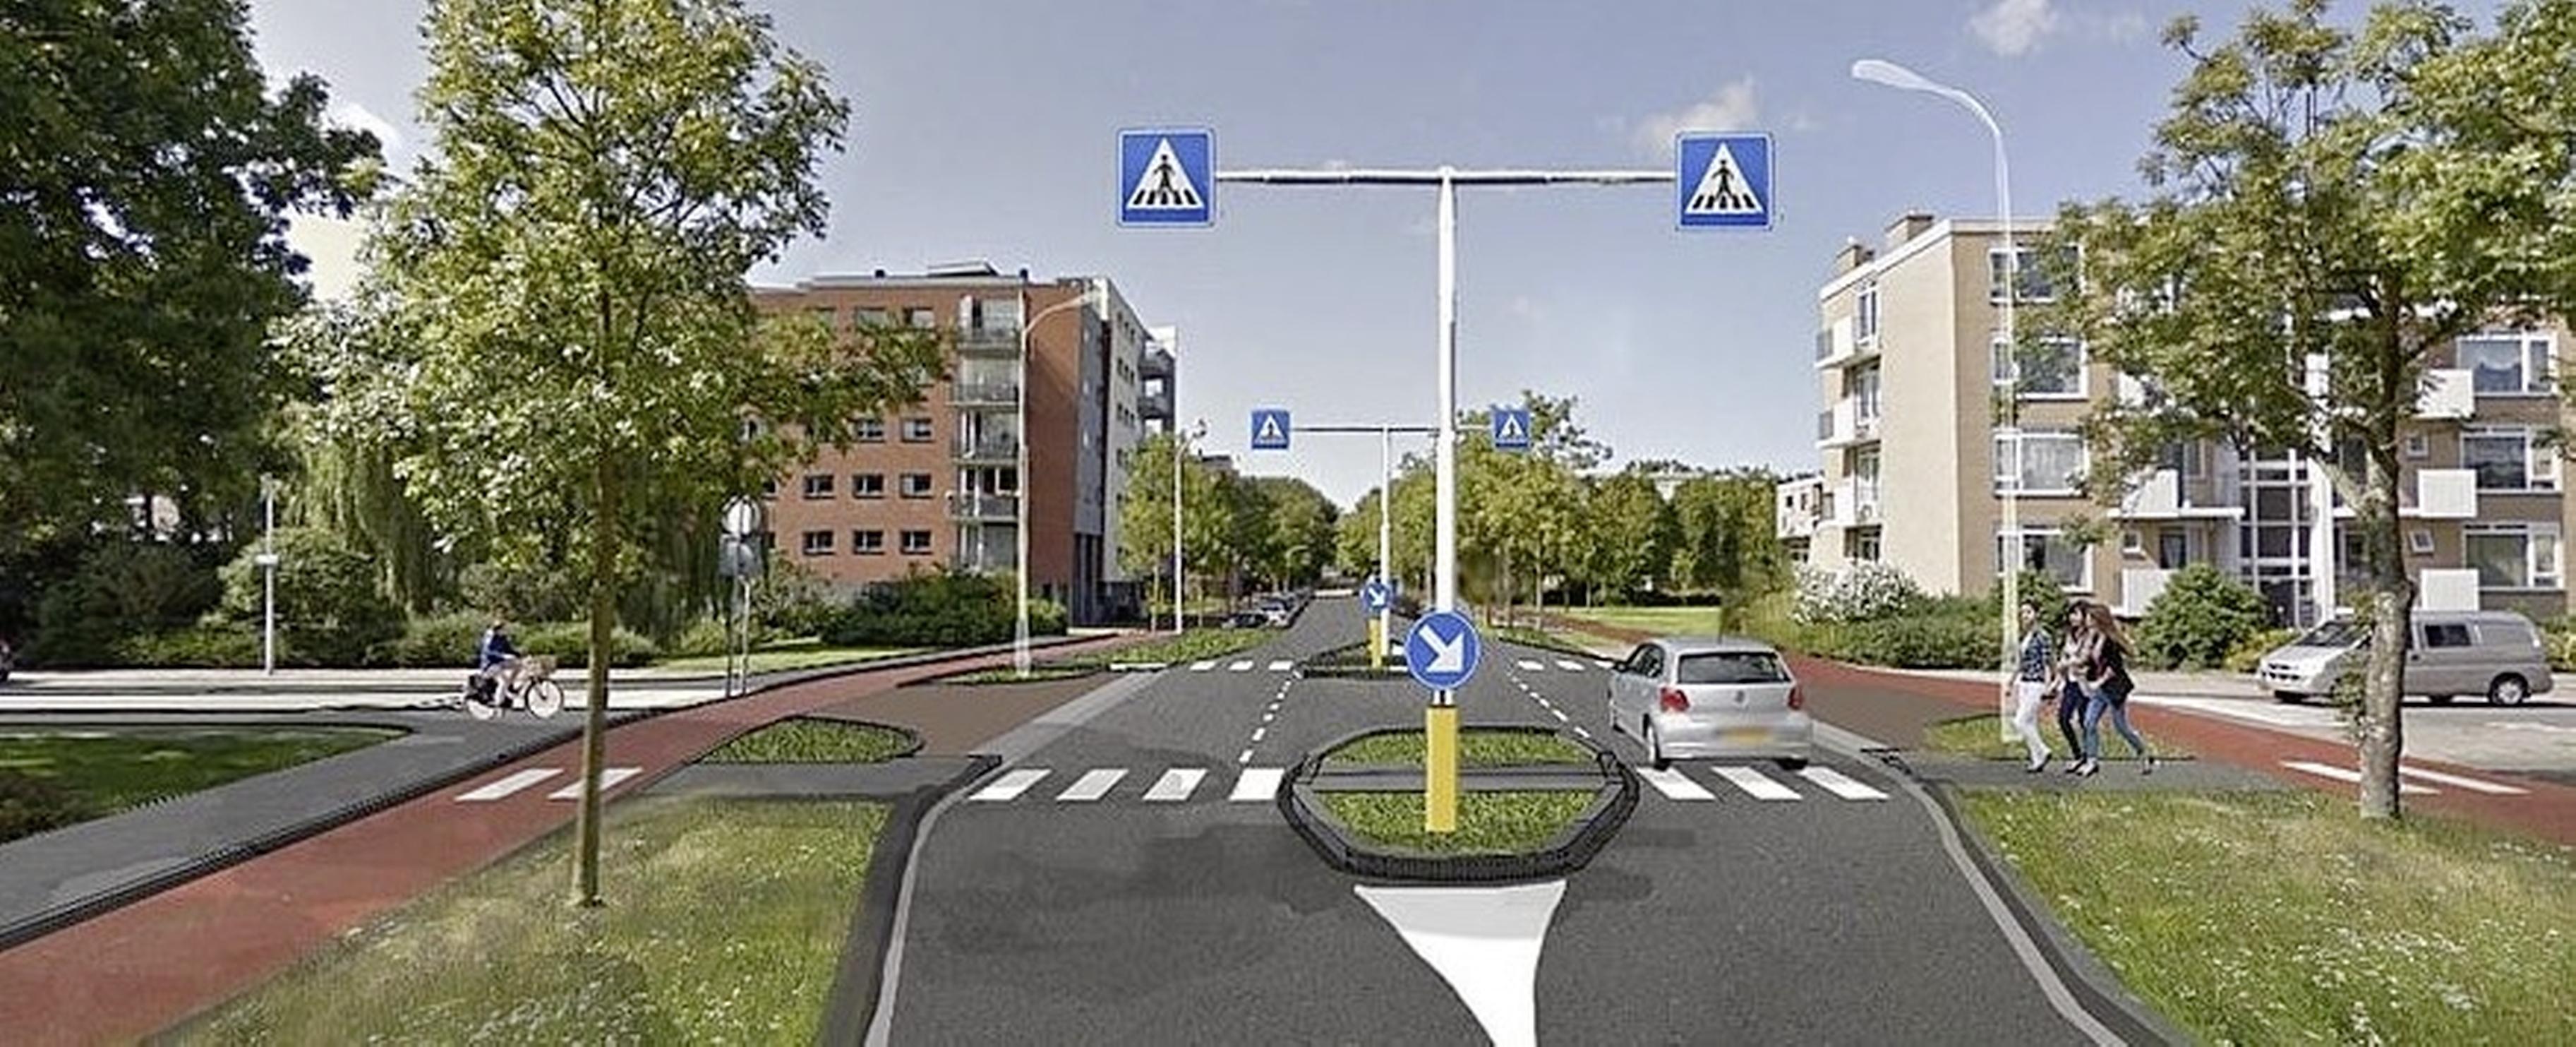 Gevaarlijkste kruising van Leiden gaat dit najaar op de schop